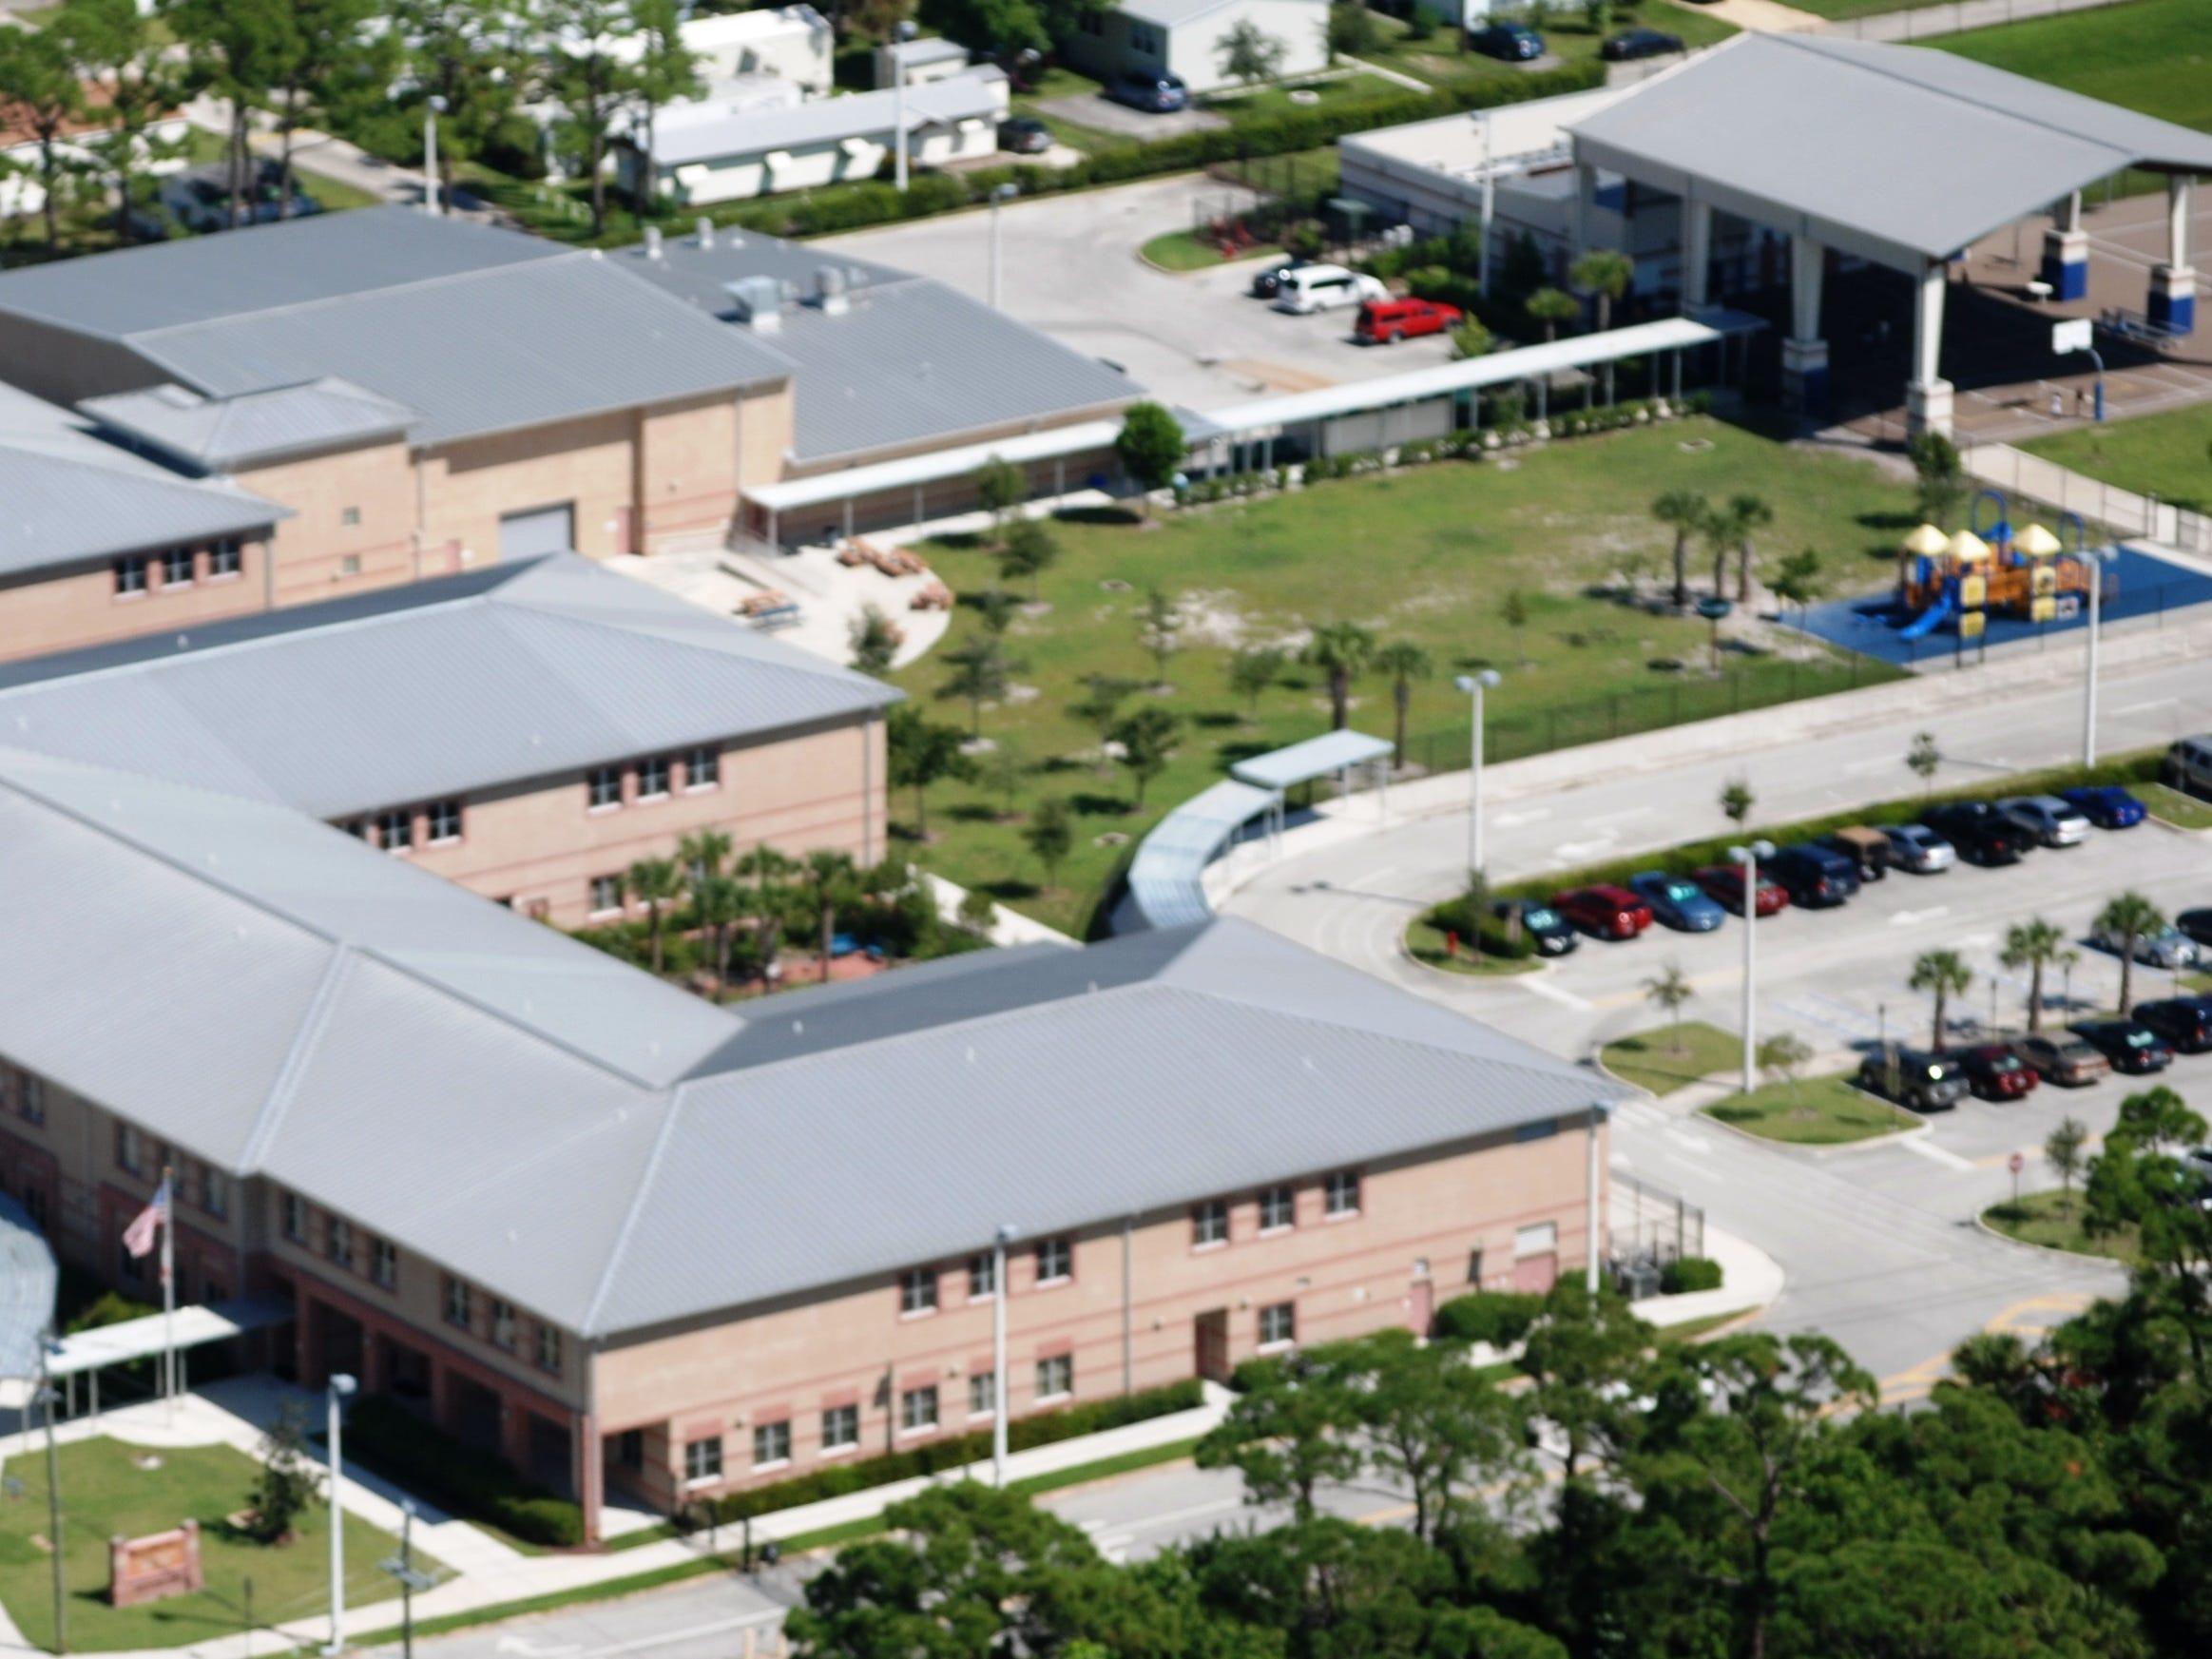 Hobe Sound Elementary School